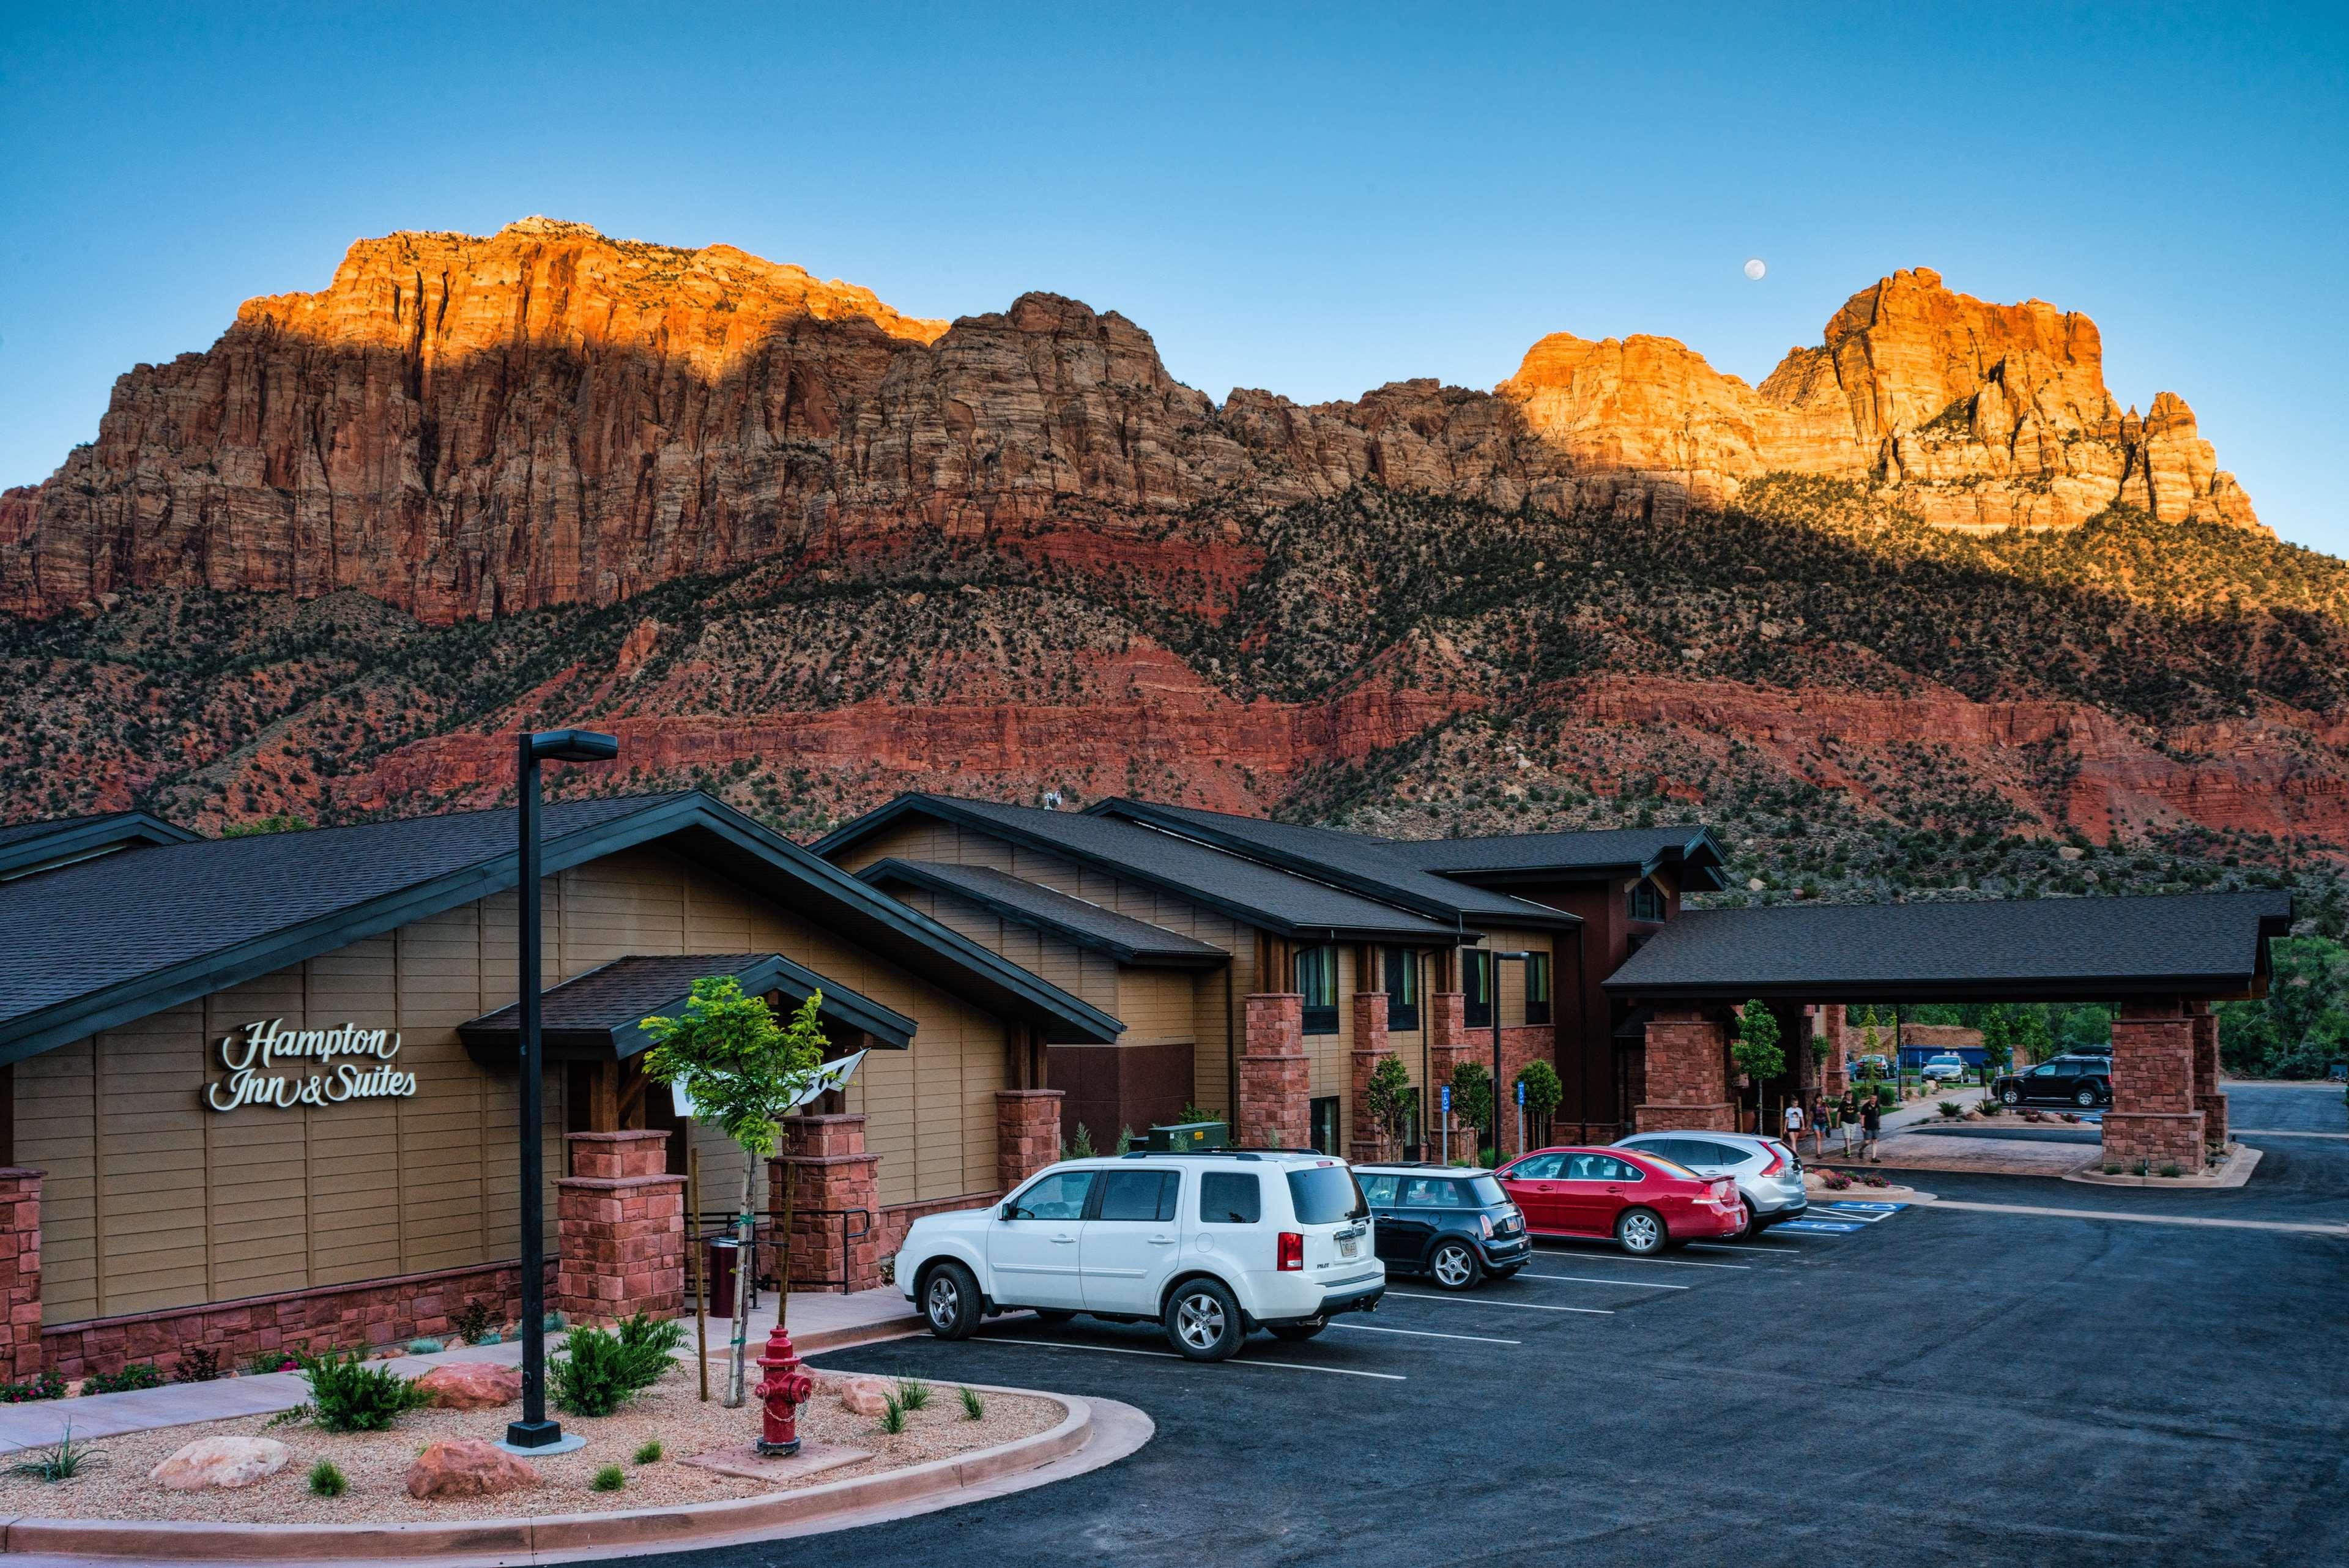 Hampton Inn & Suites Springdale/Zion National Park image 1